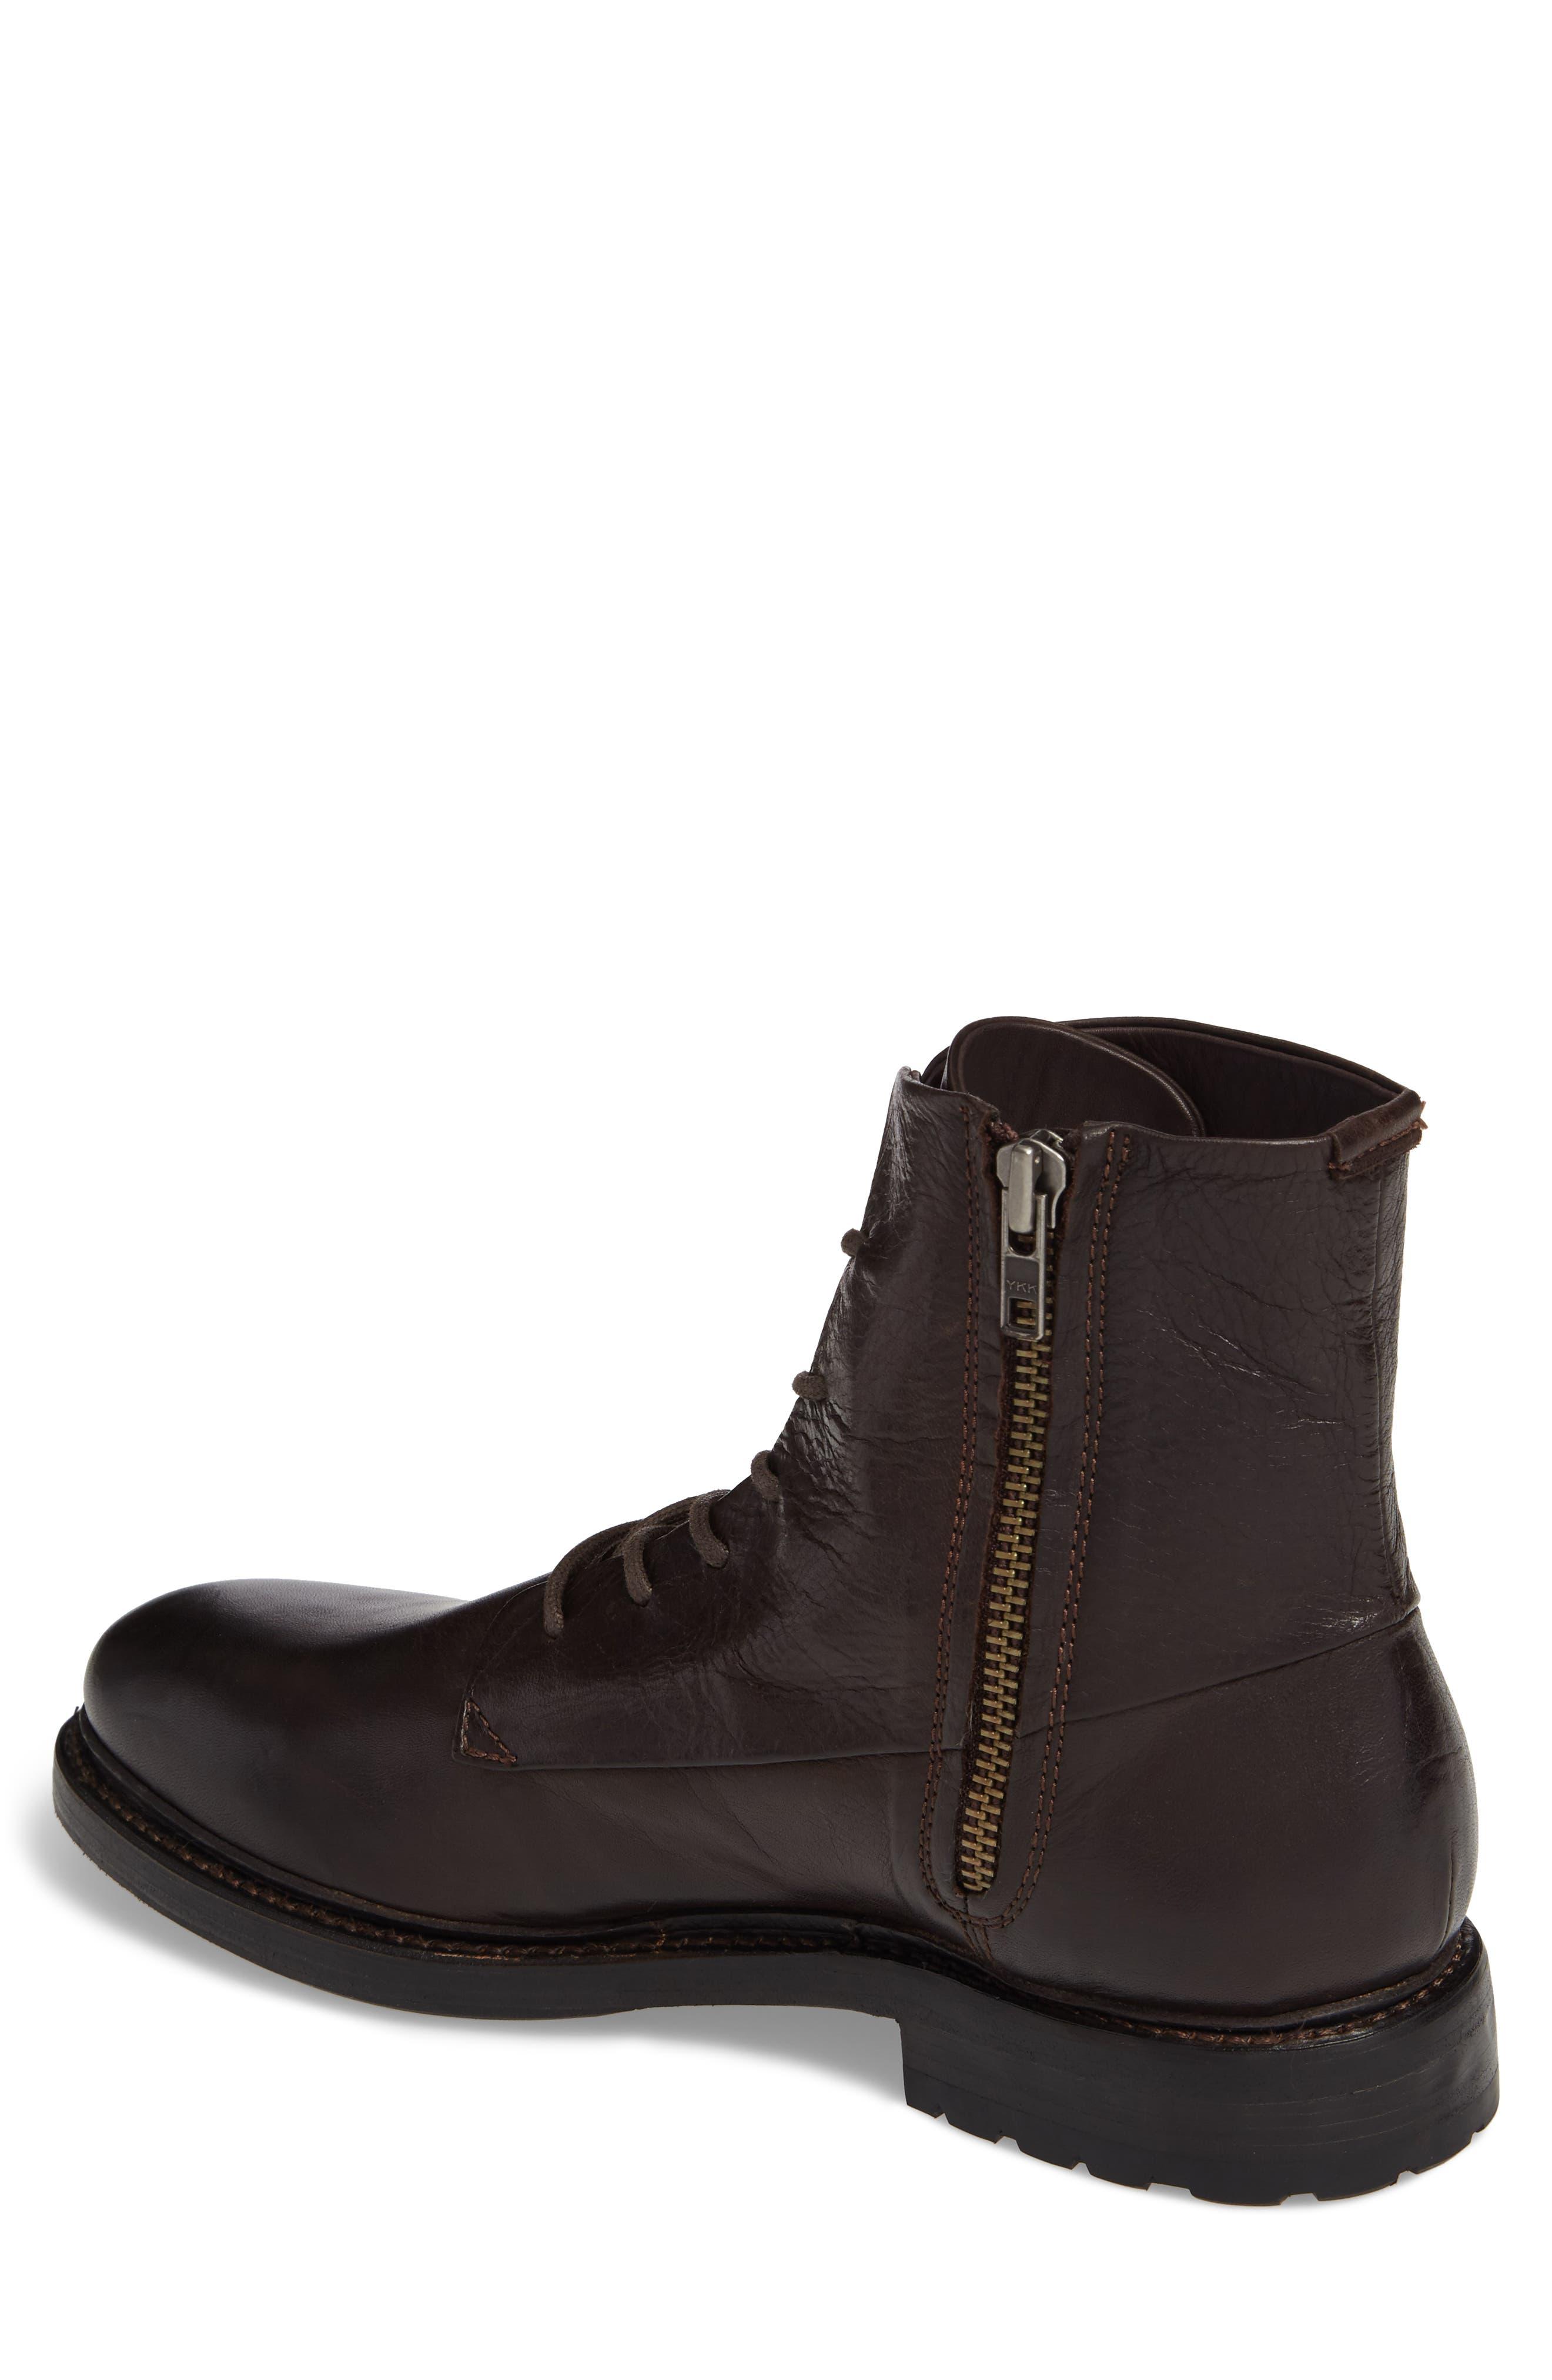 MM 08 Plain Toe Boot,                             Alternate thumbnail 4, color,